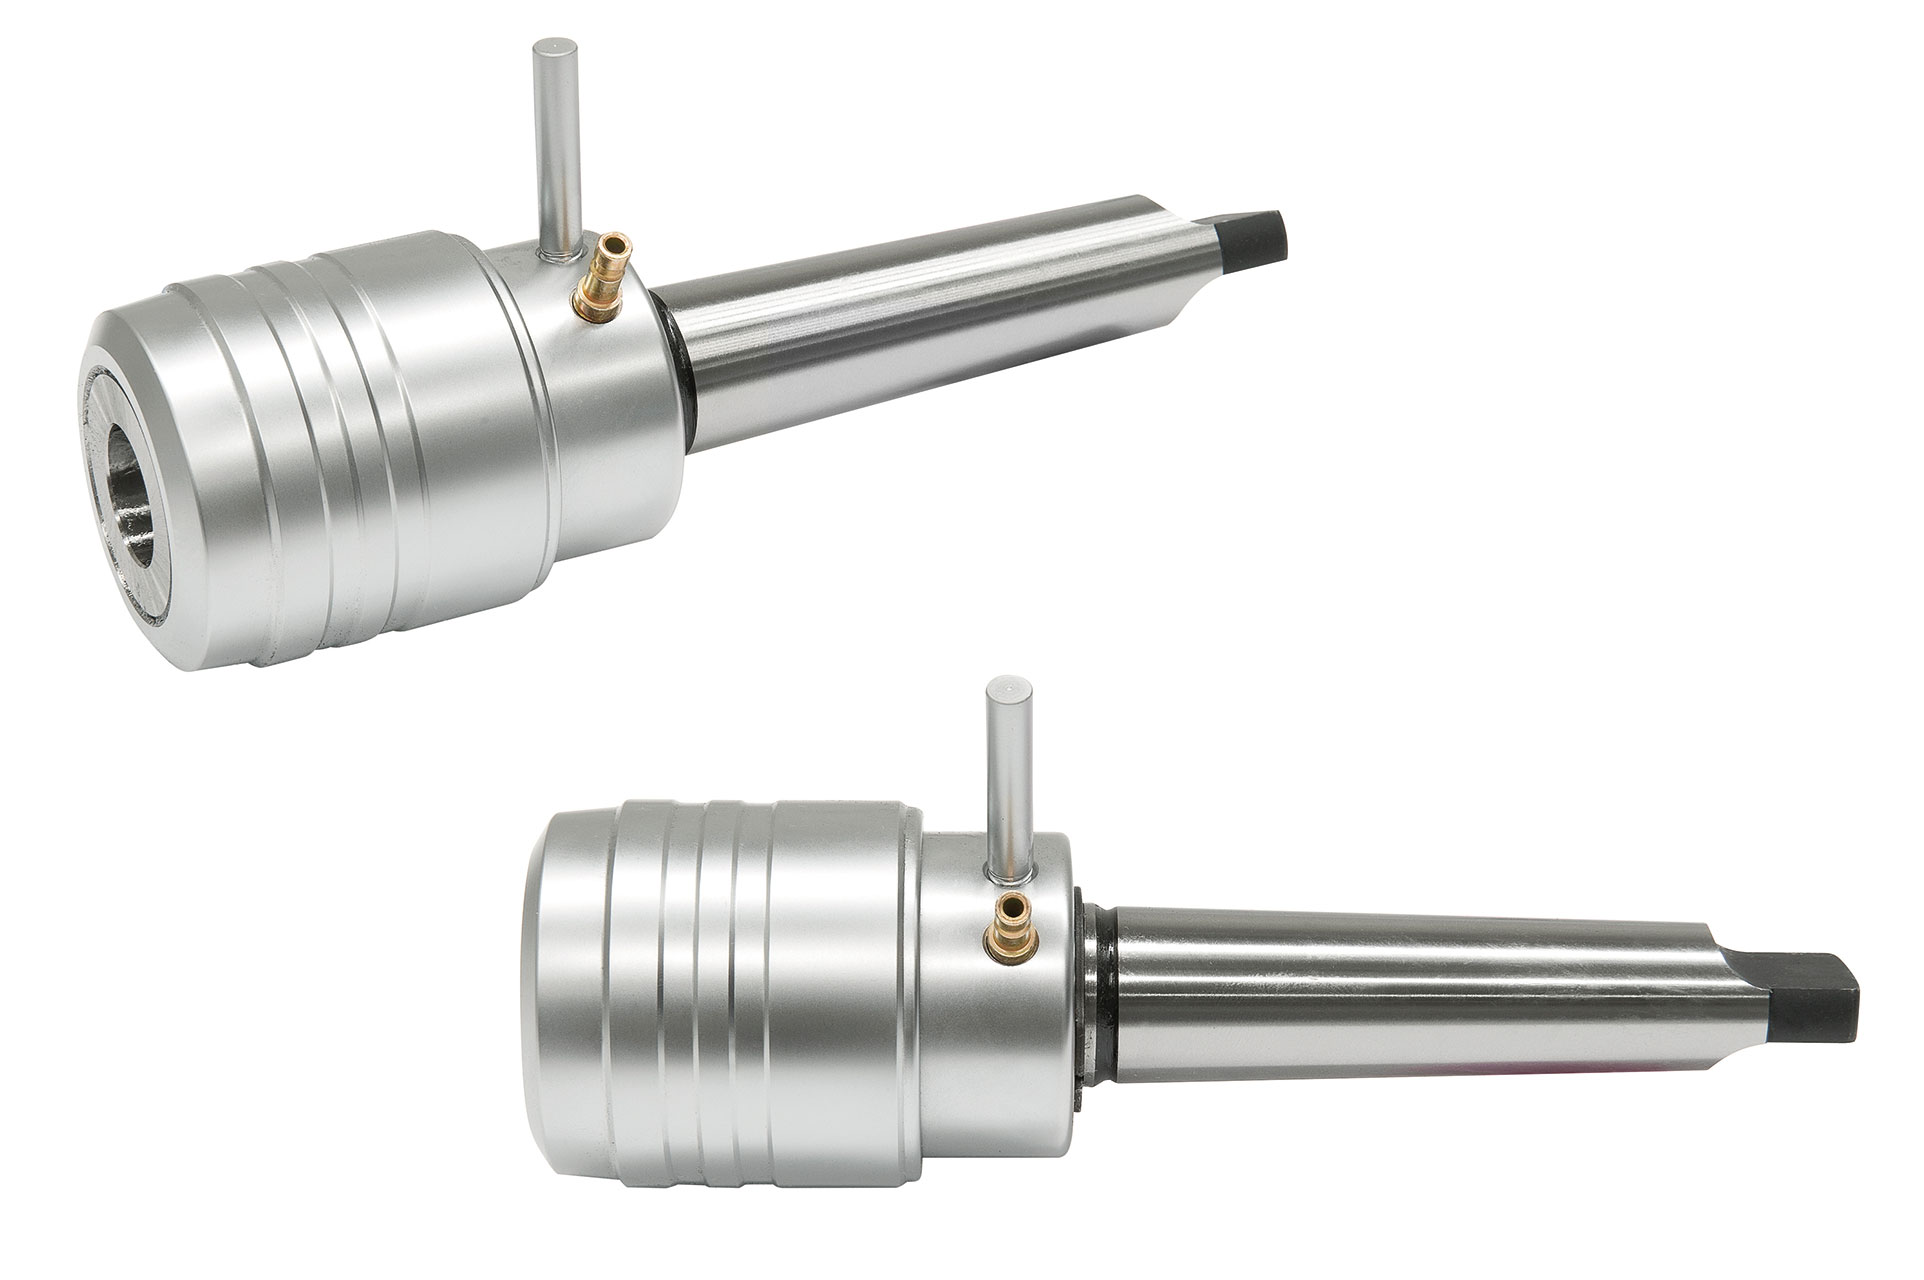 Uchwyt narzędzi szybkowymienny z chłodzeniem wewnętrznym MK 3 (weldon 19) BERNARDO